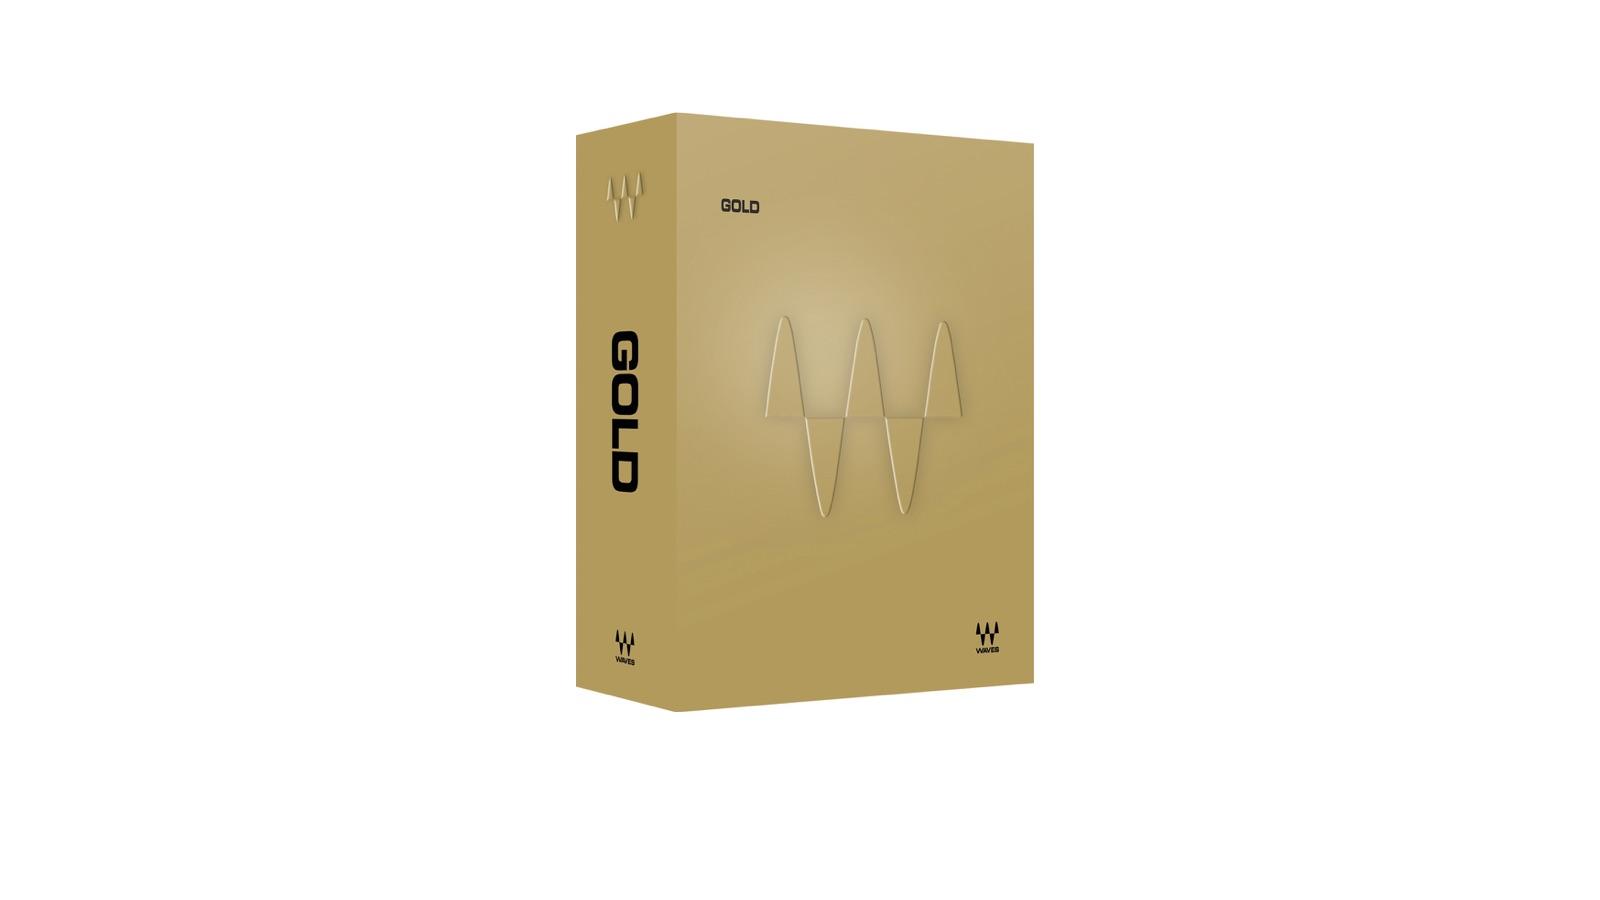 【WAVES GOLD】初心者にもオススメのプラグインバンドル!本格的な音楽制作に欠かせない必須パッケージ!収録プラグイン一覧とその内容